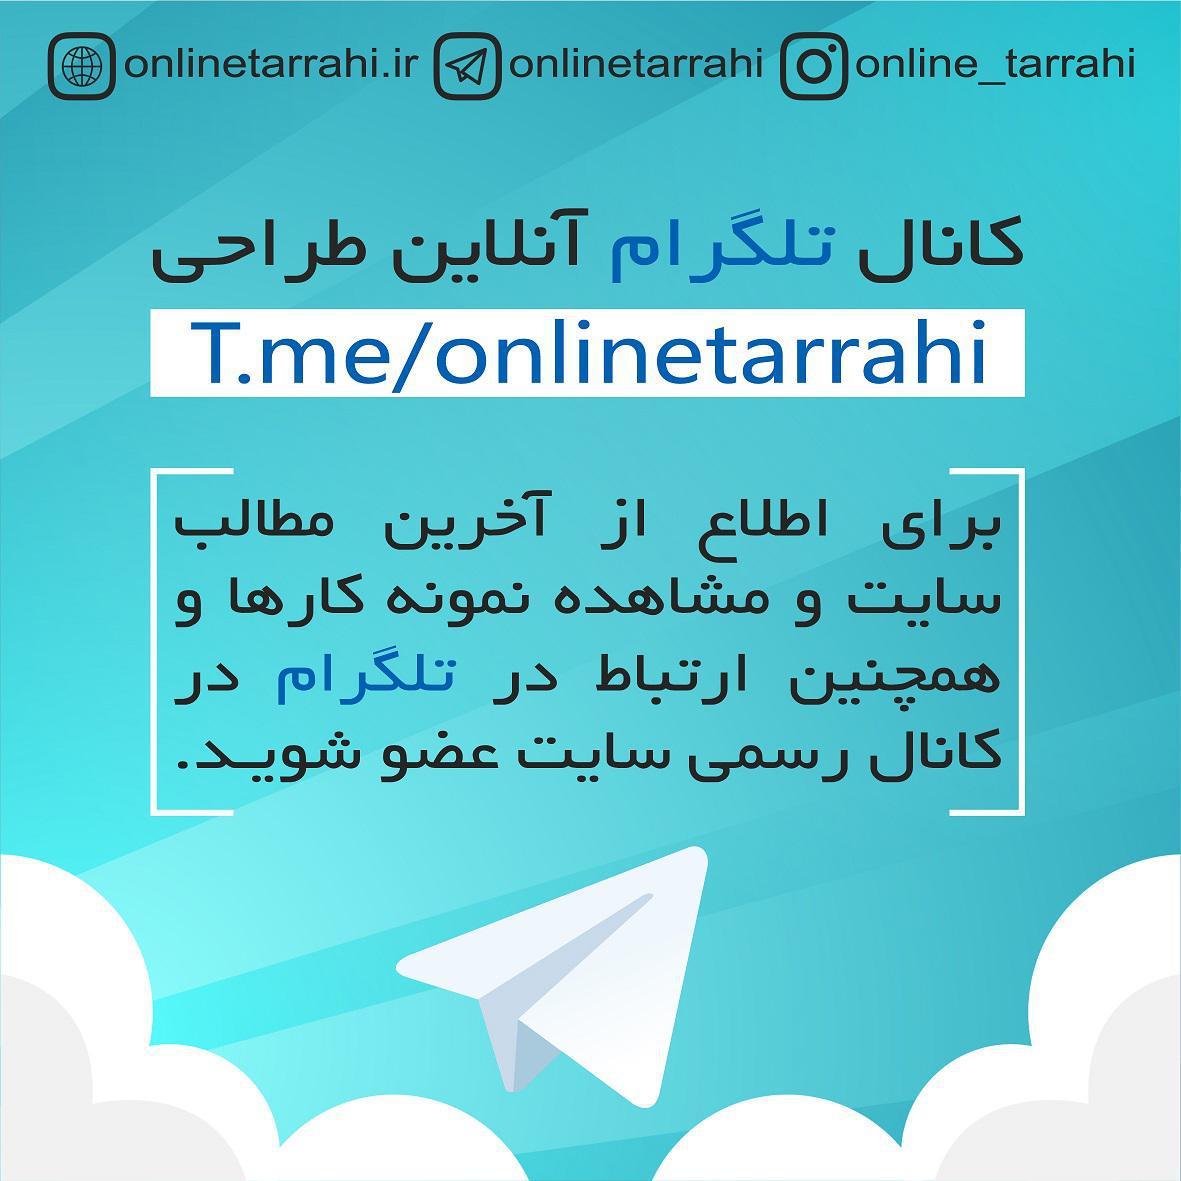 کانال رسمی سایت آنلاین طراحی در تلگرام